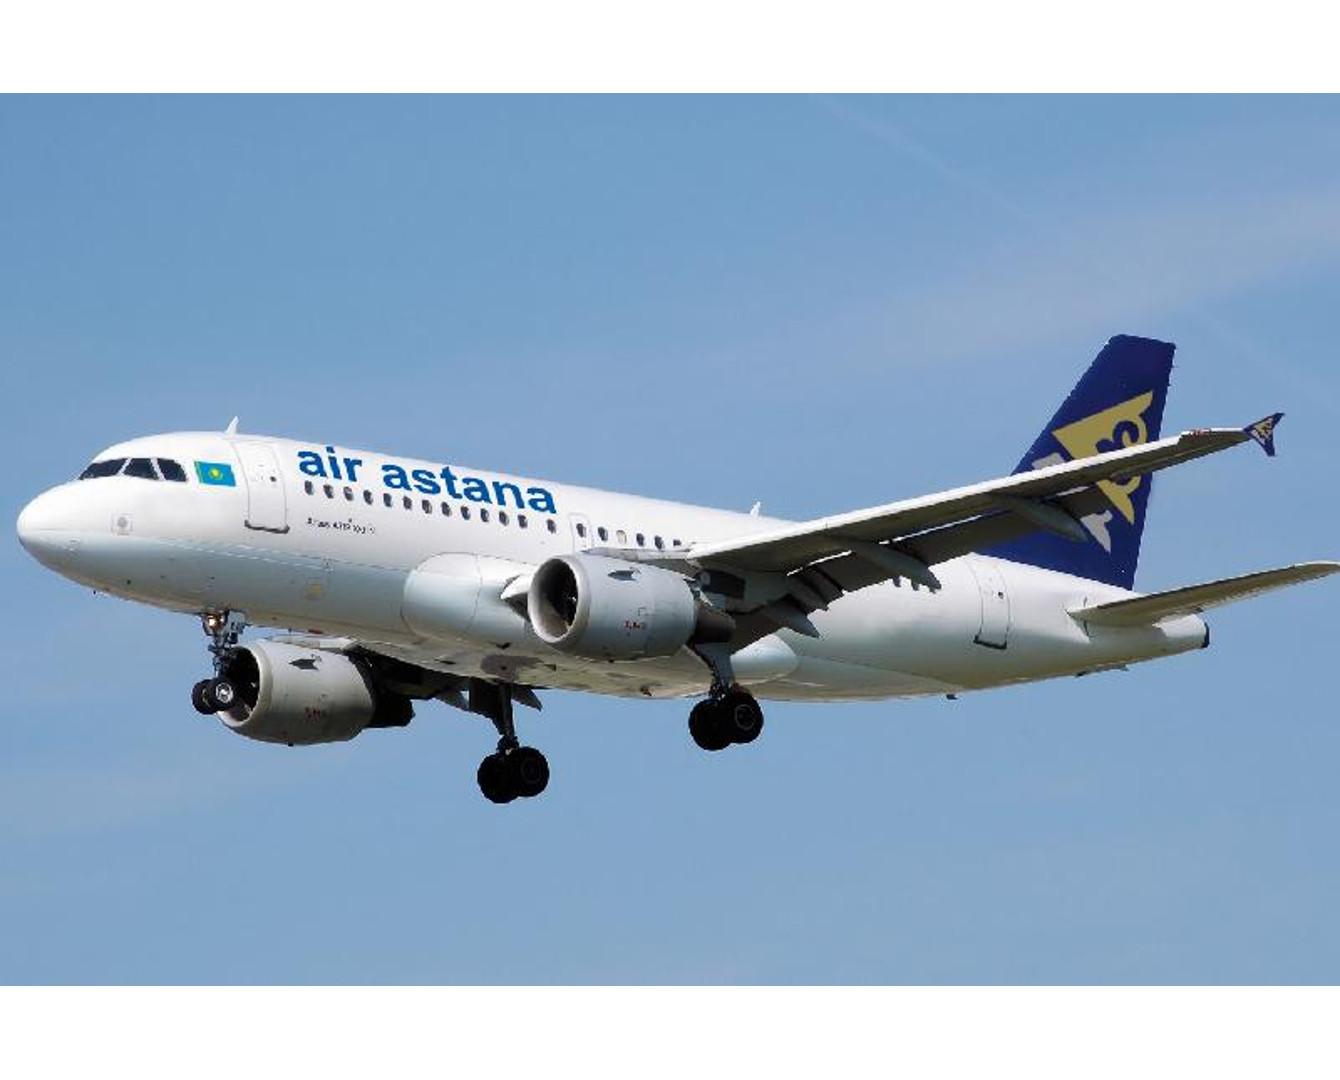 «Air Astana» ұшағы қозғалтқышындағы ақауына байланысты Ресей әуежайына қонды